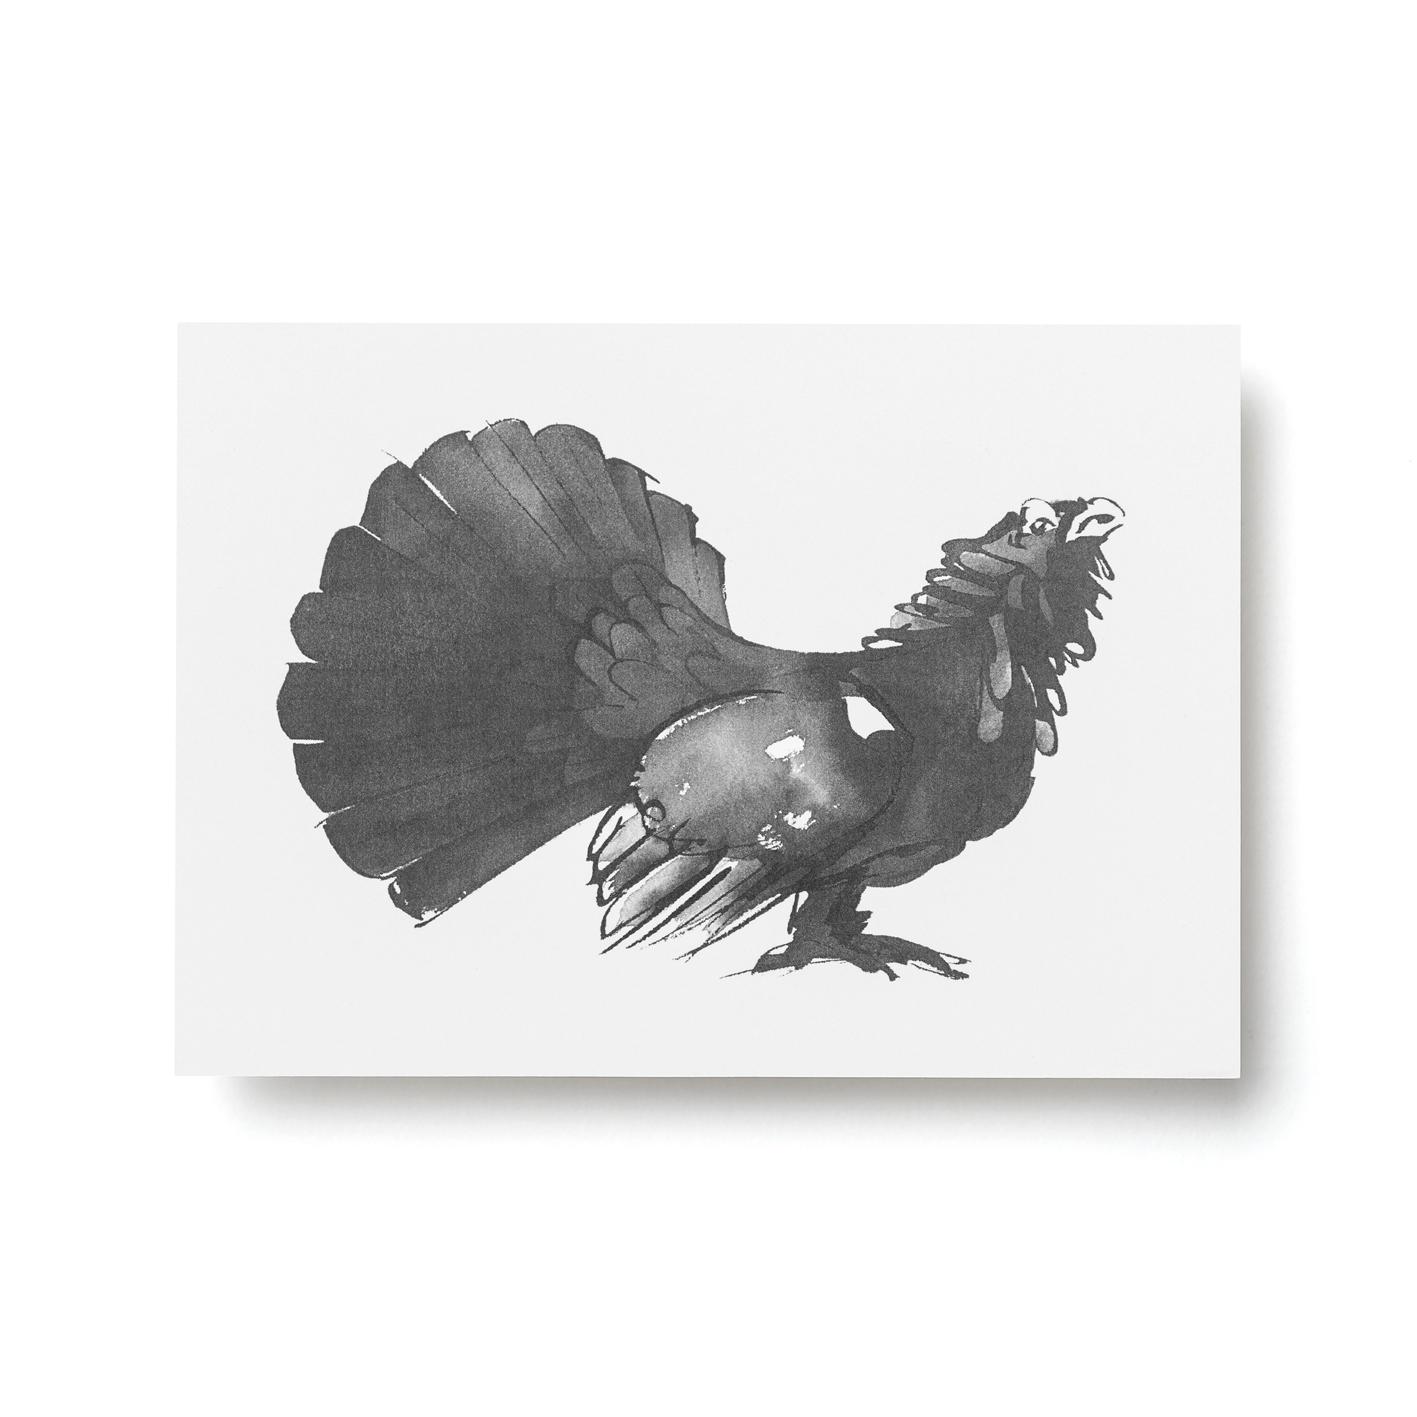 Metso-postikortti